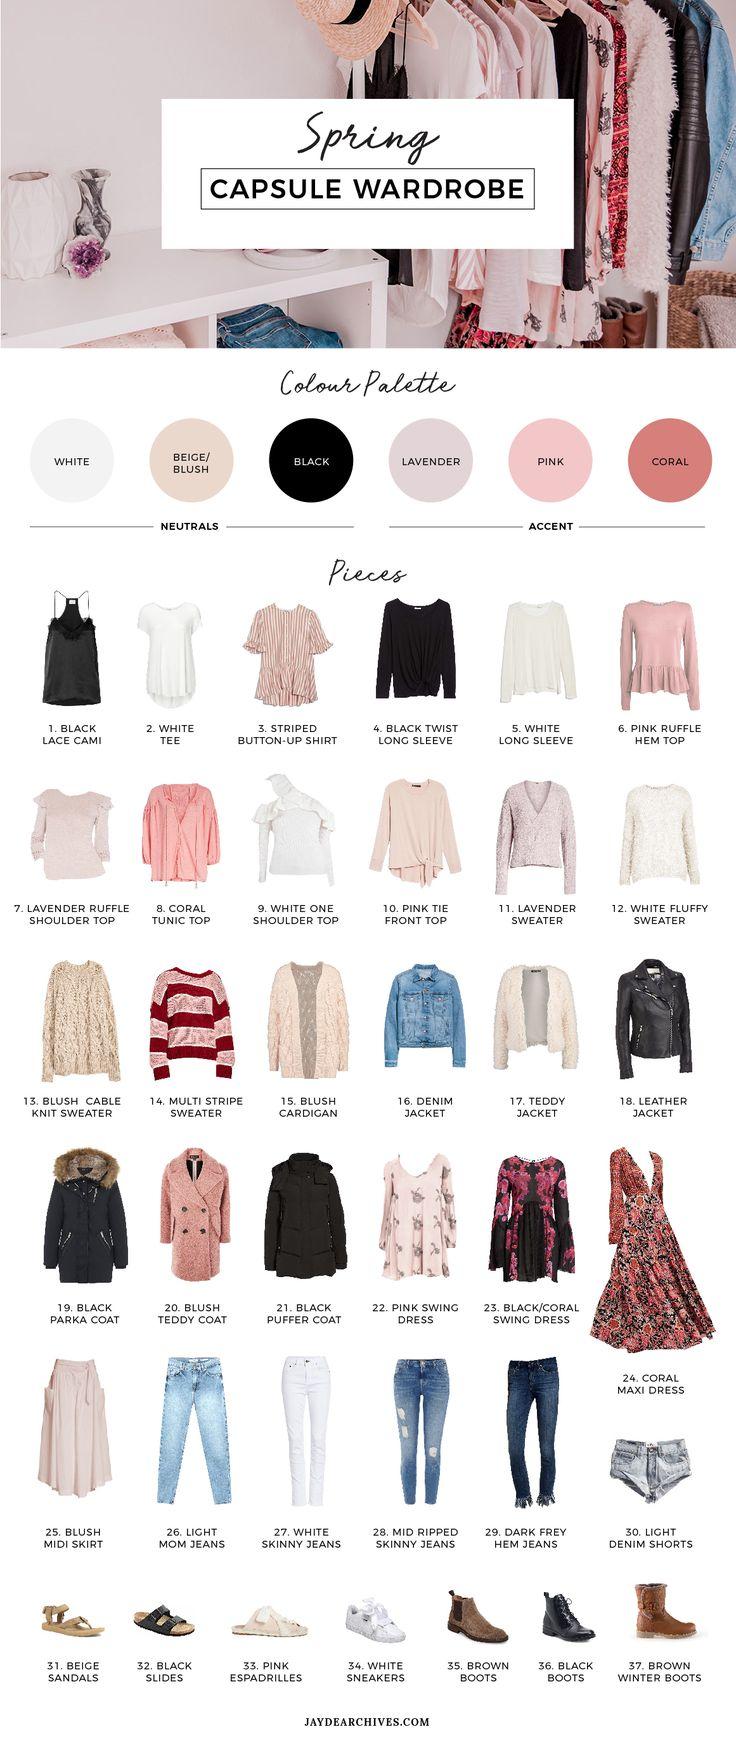 My 18′ Spring Capsule Wardrobe